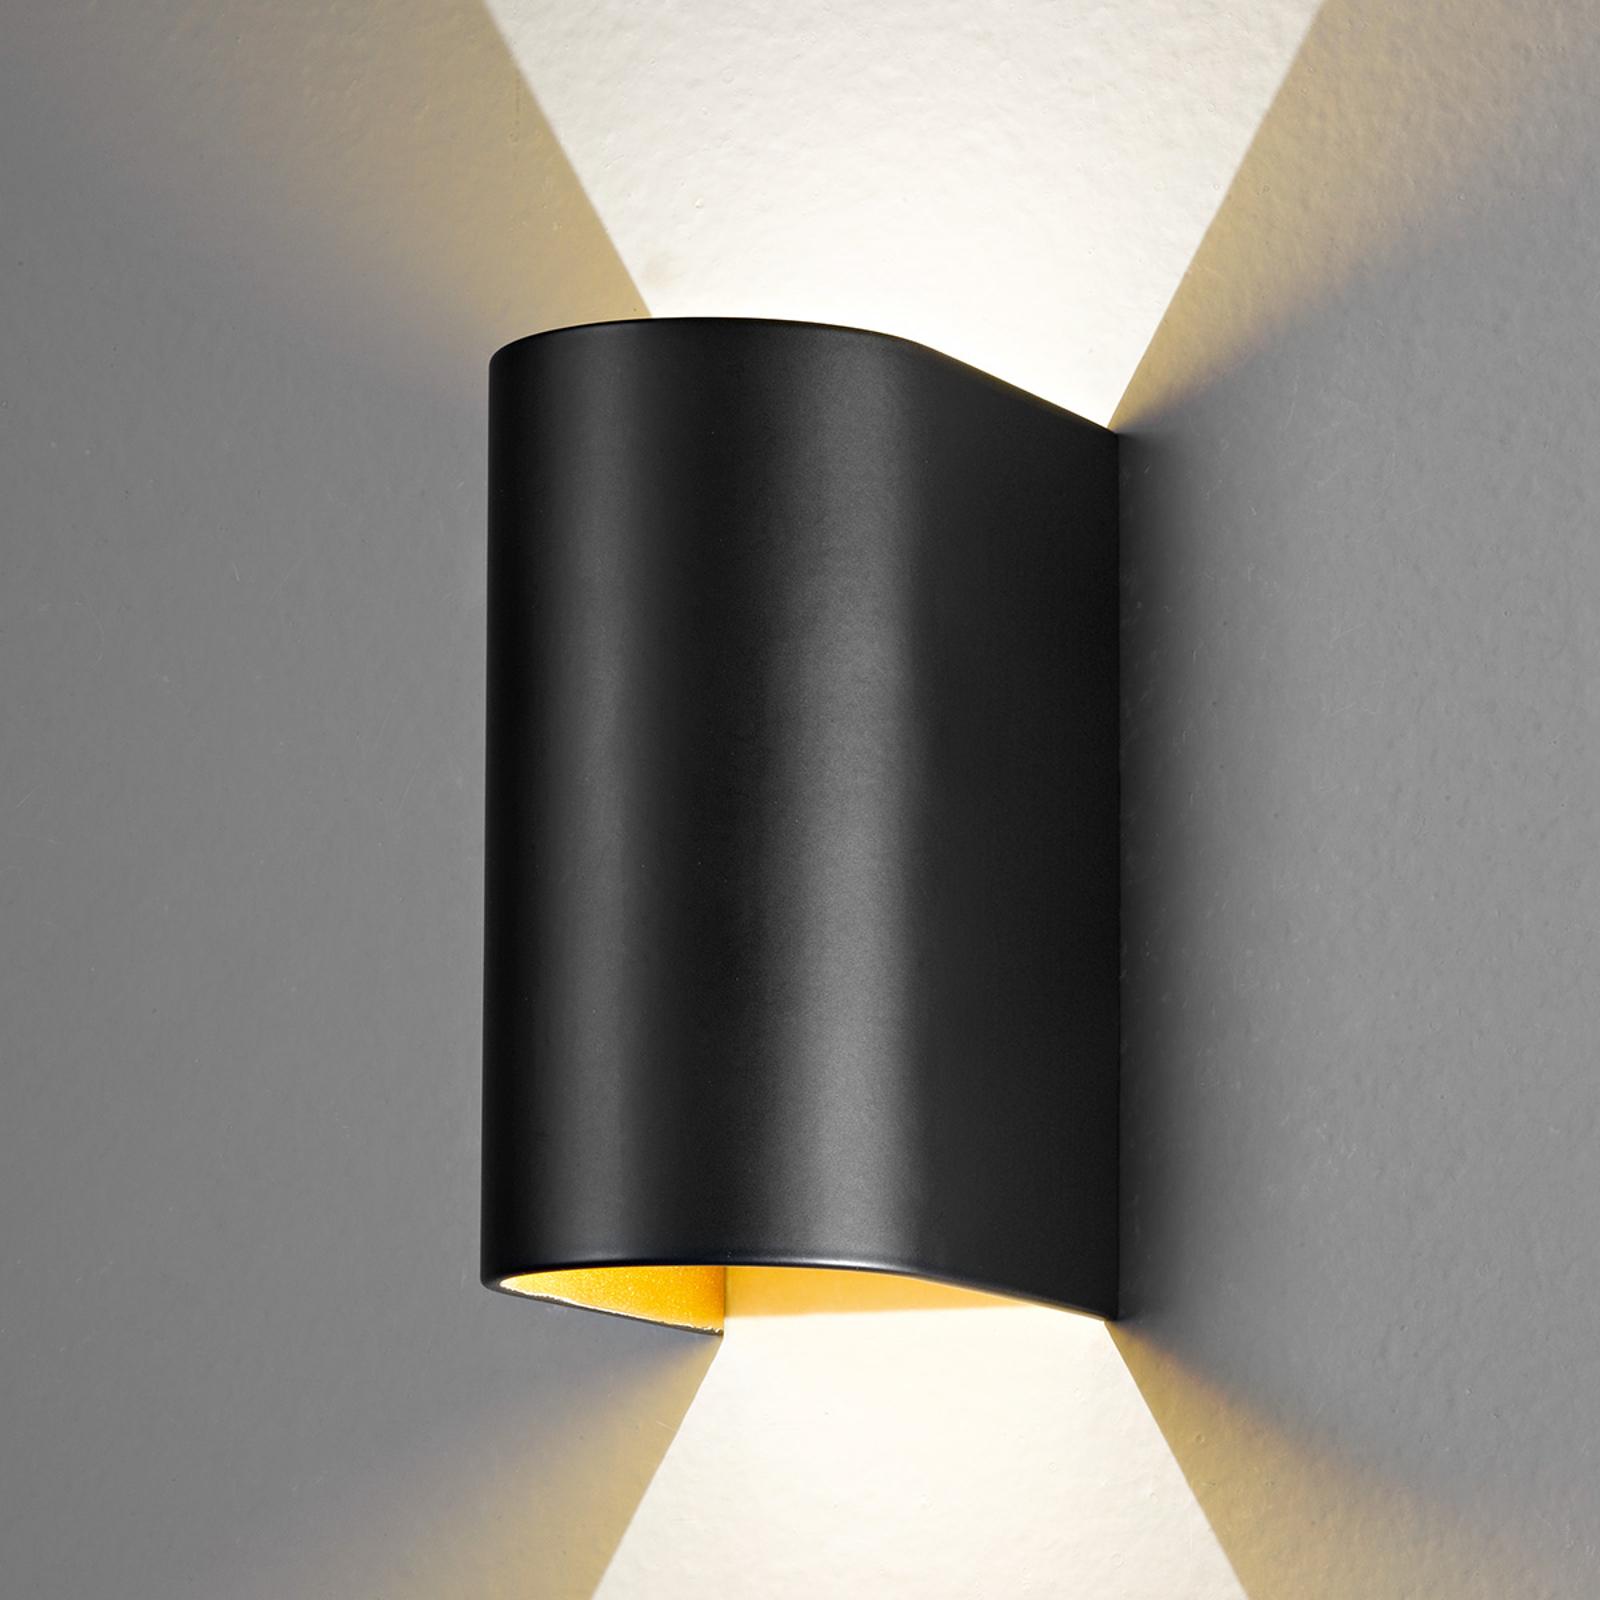 LED-vägglampa Feeling, svart guld